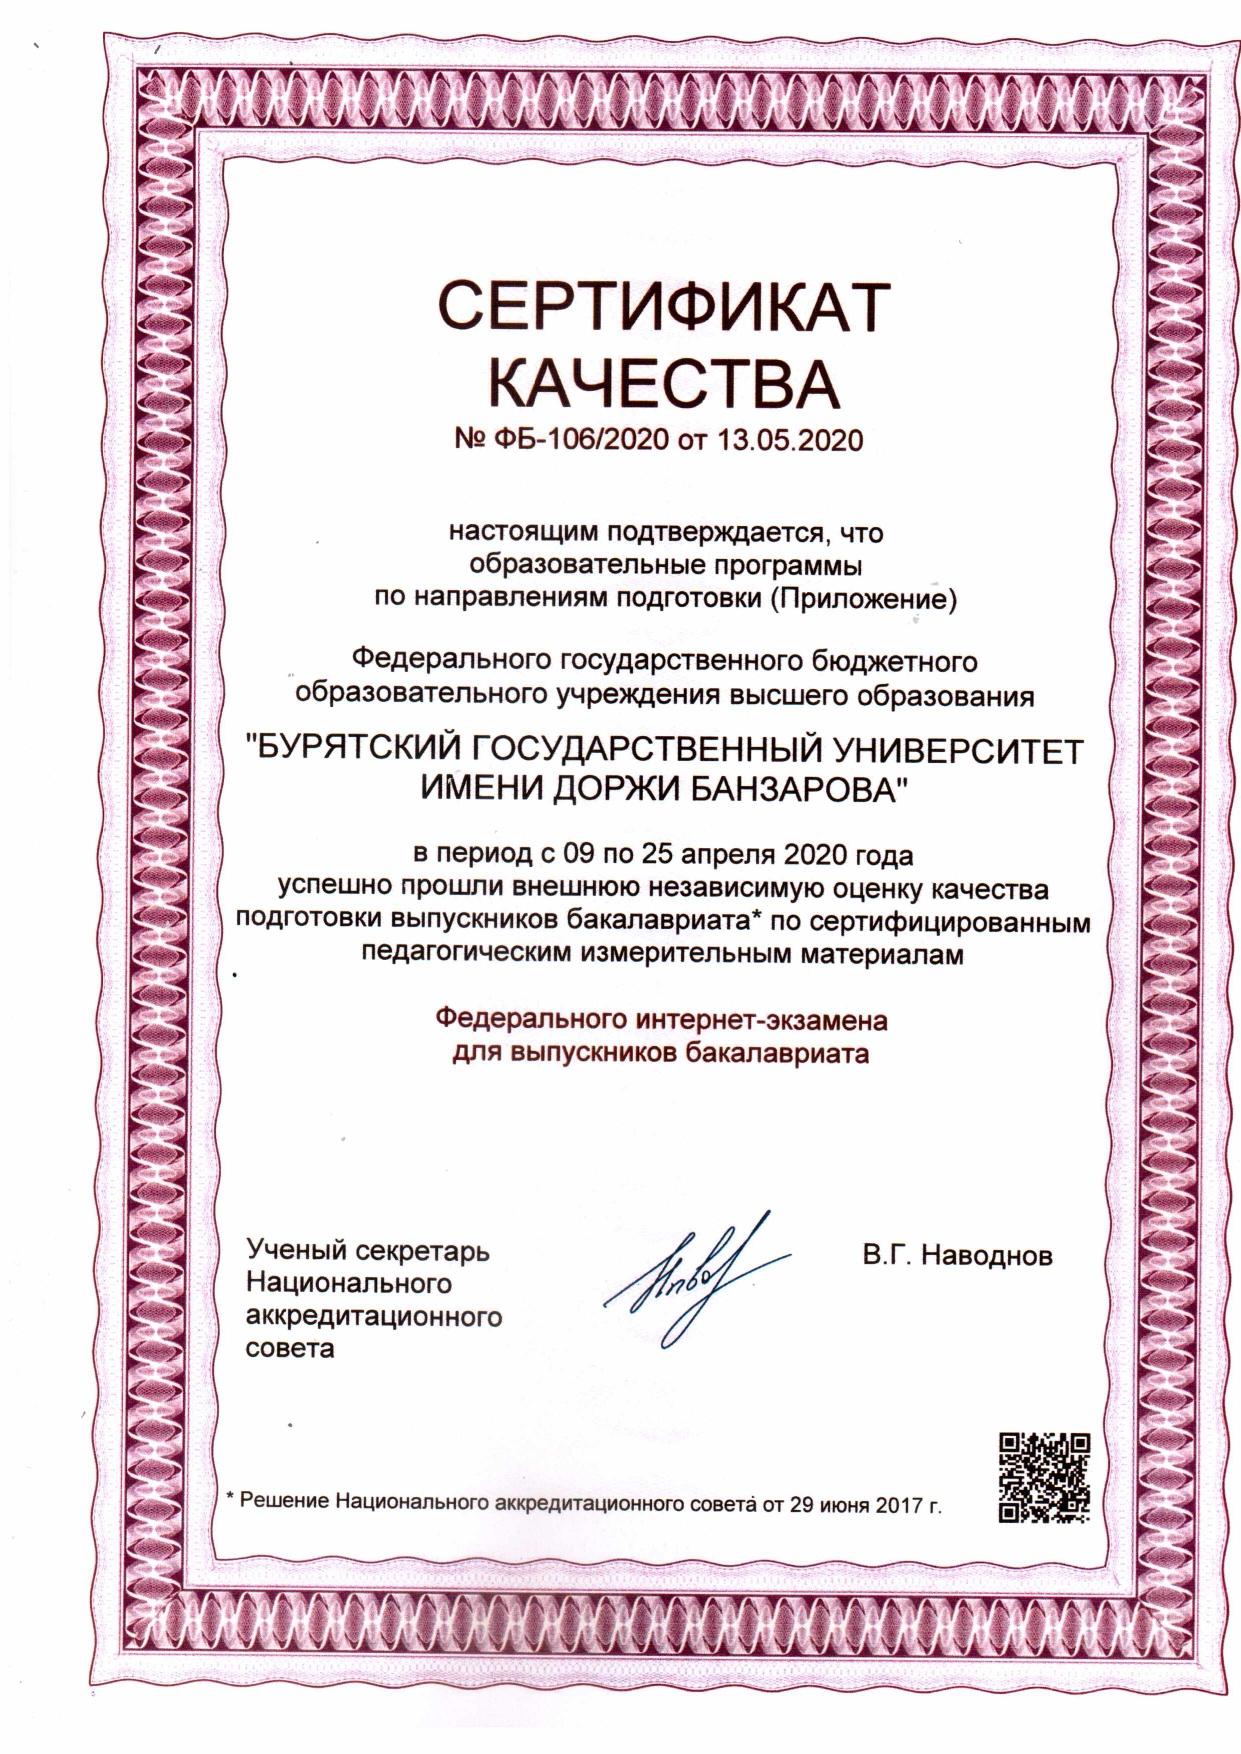 Сертификат 1_page-0001